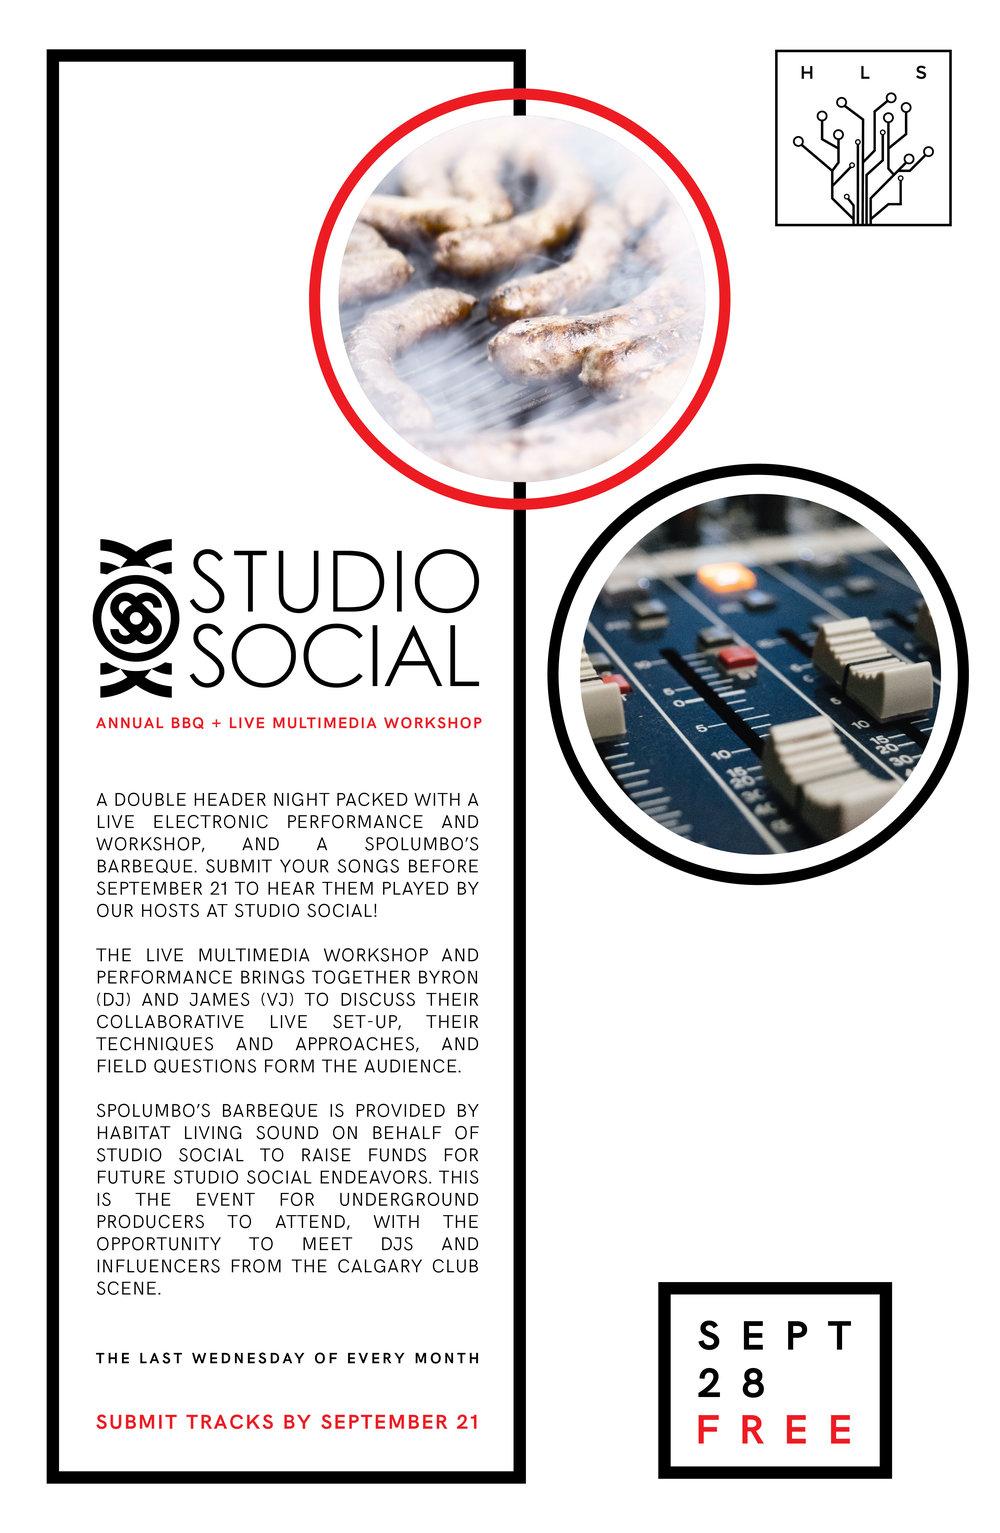 Habitat-Studio-Social-BBQ.jpeg